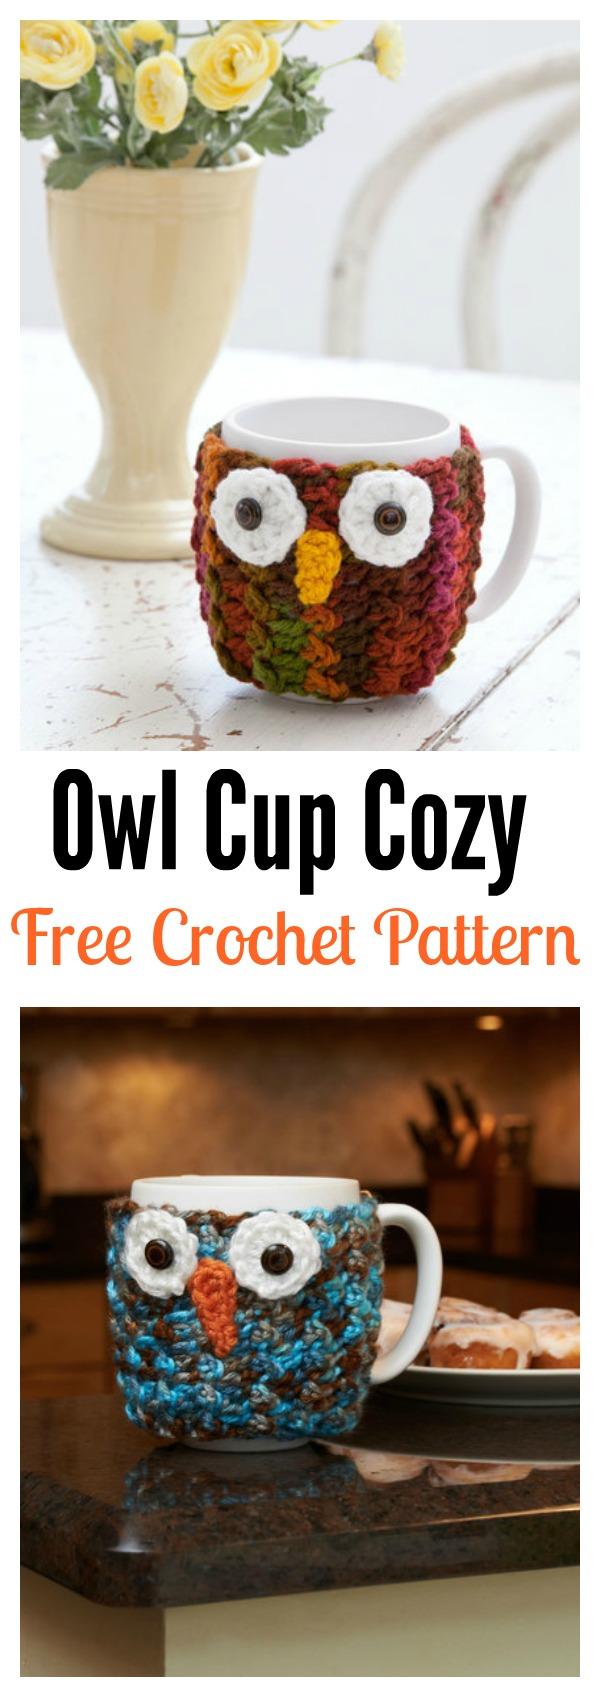 Owl Cup Cozy Free Crochet Pattern